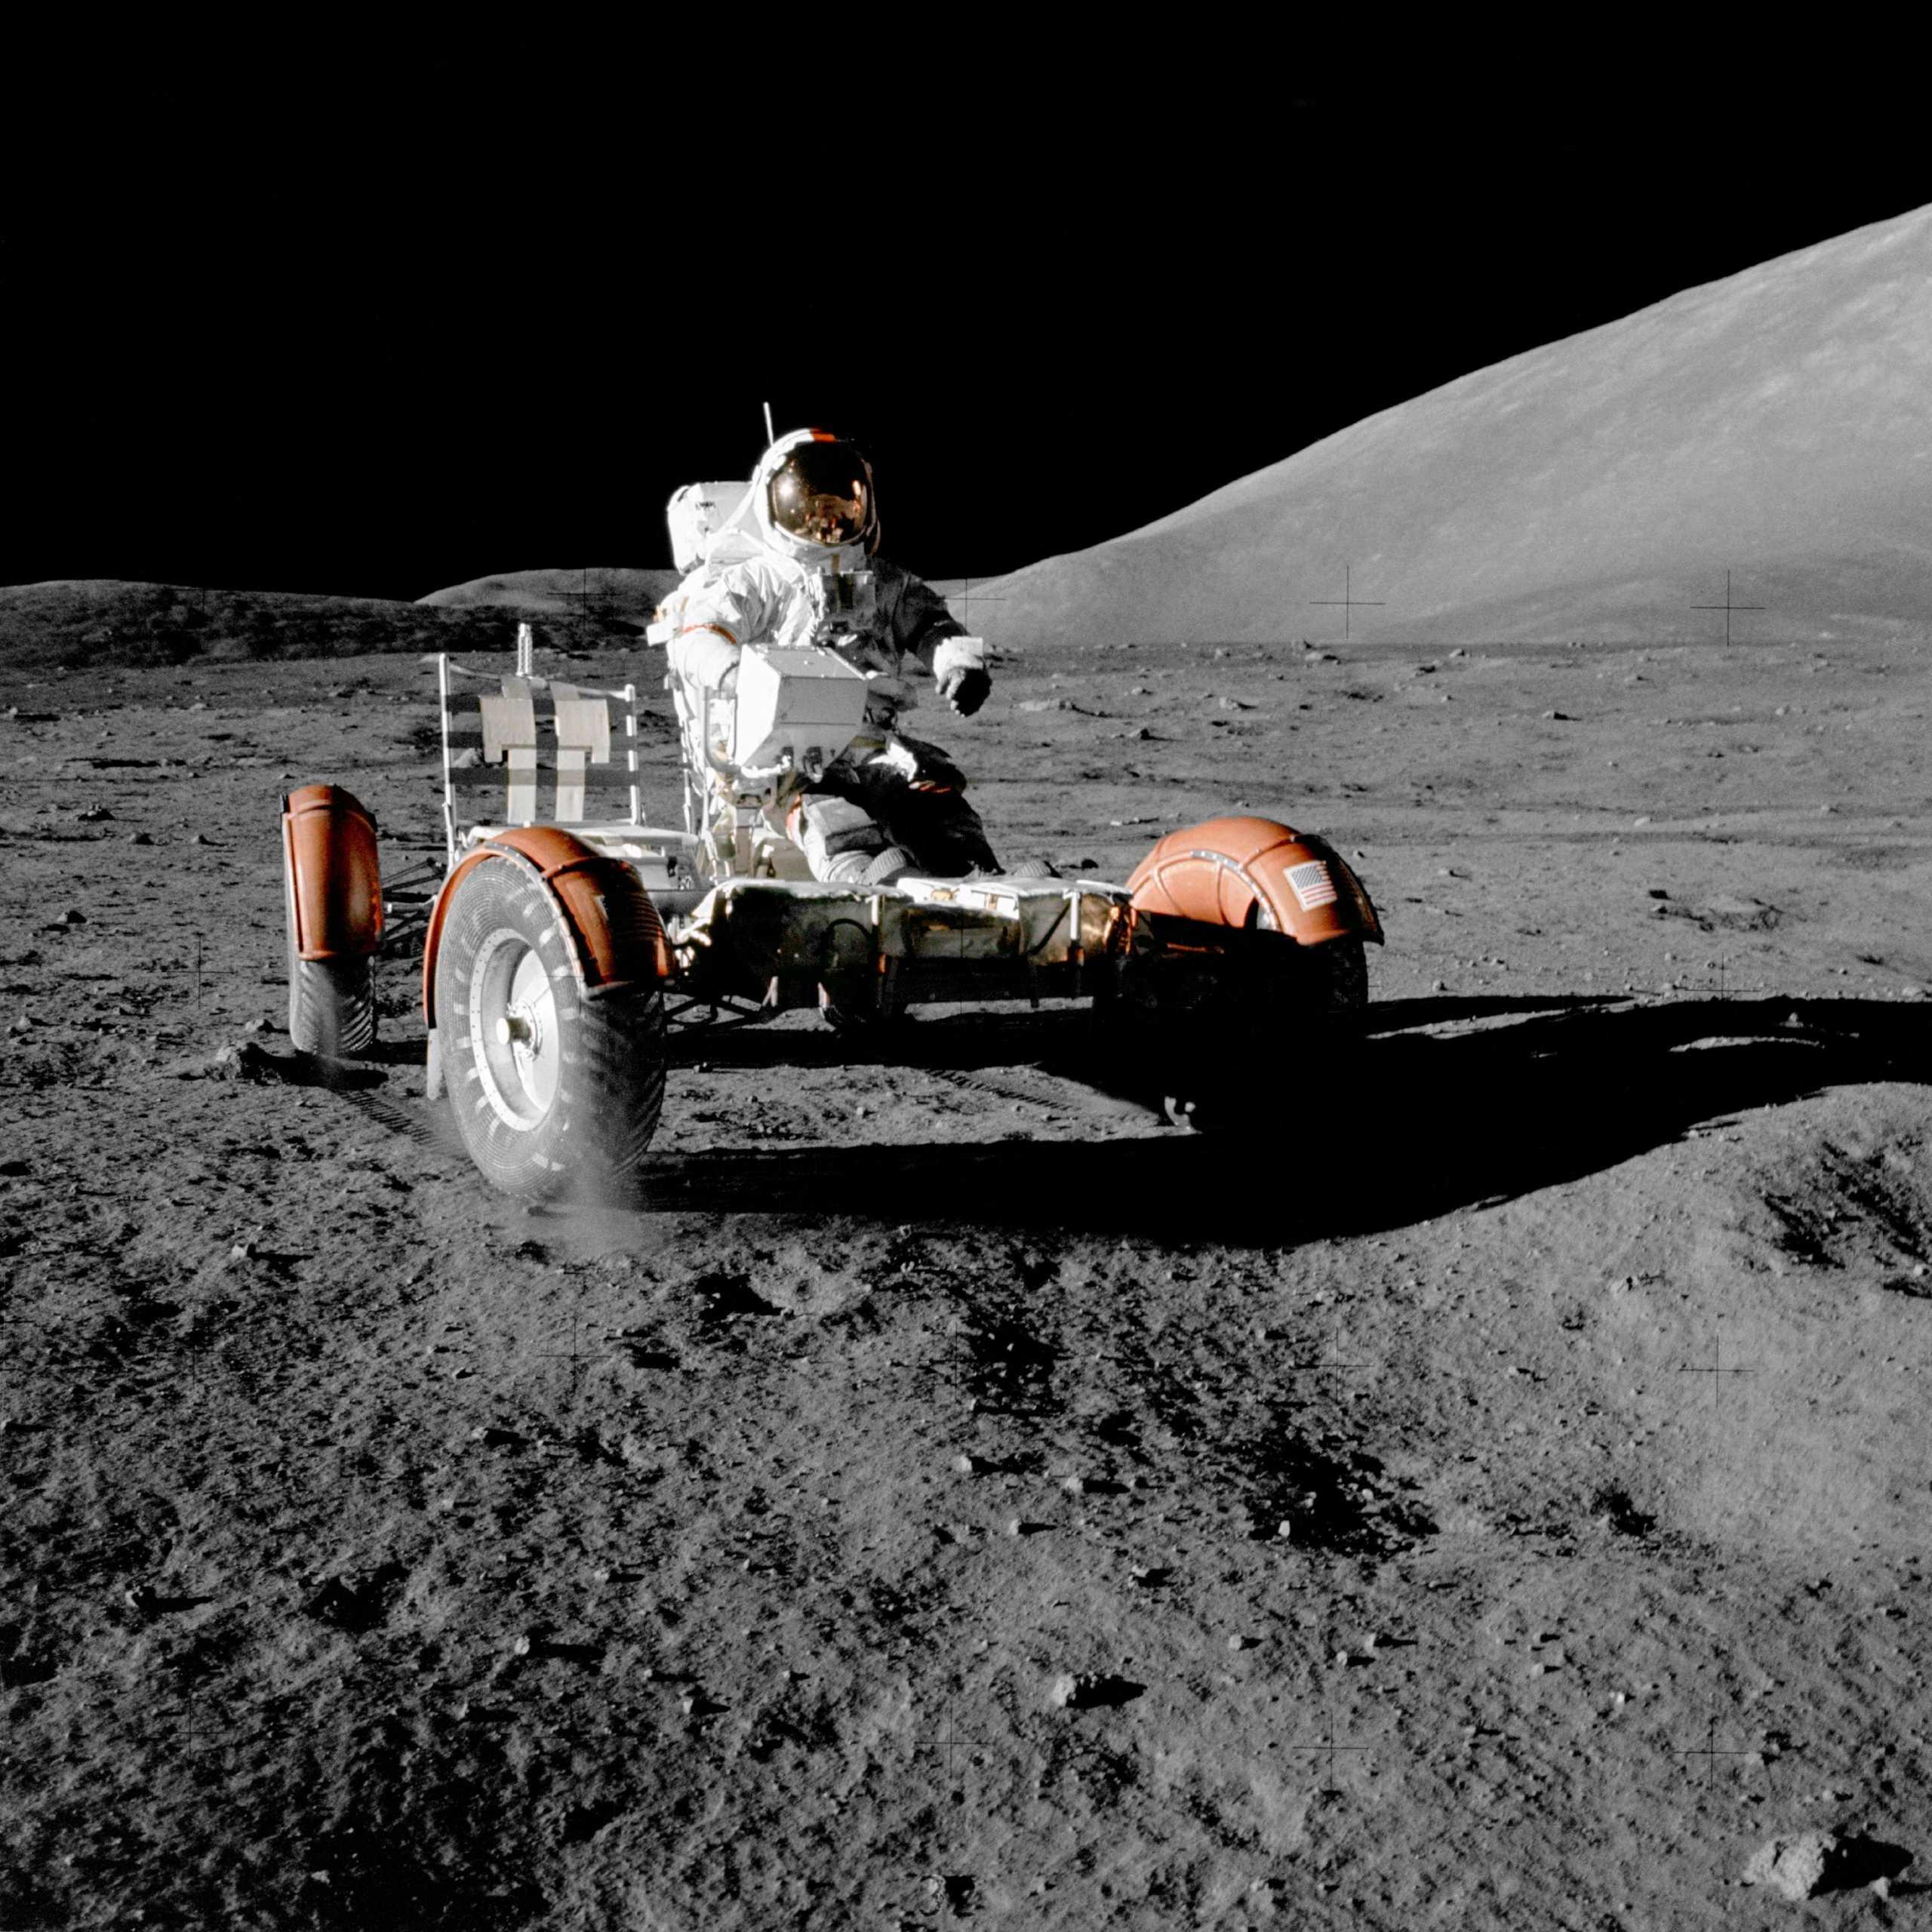 Η Τουρκία ετοιμάζει αποστολή ρόβερ στη Σελήνη έως το 2030